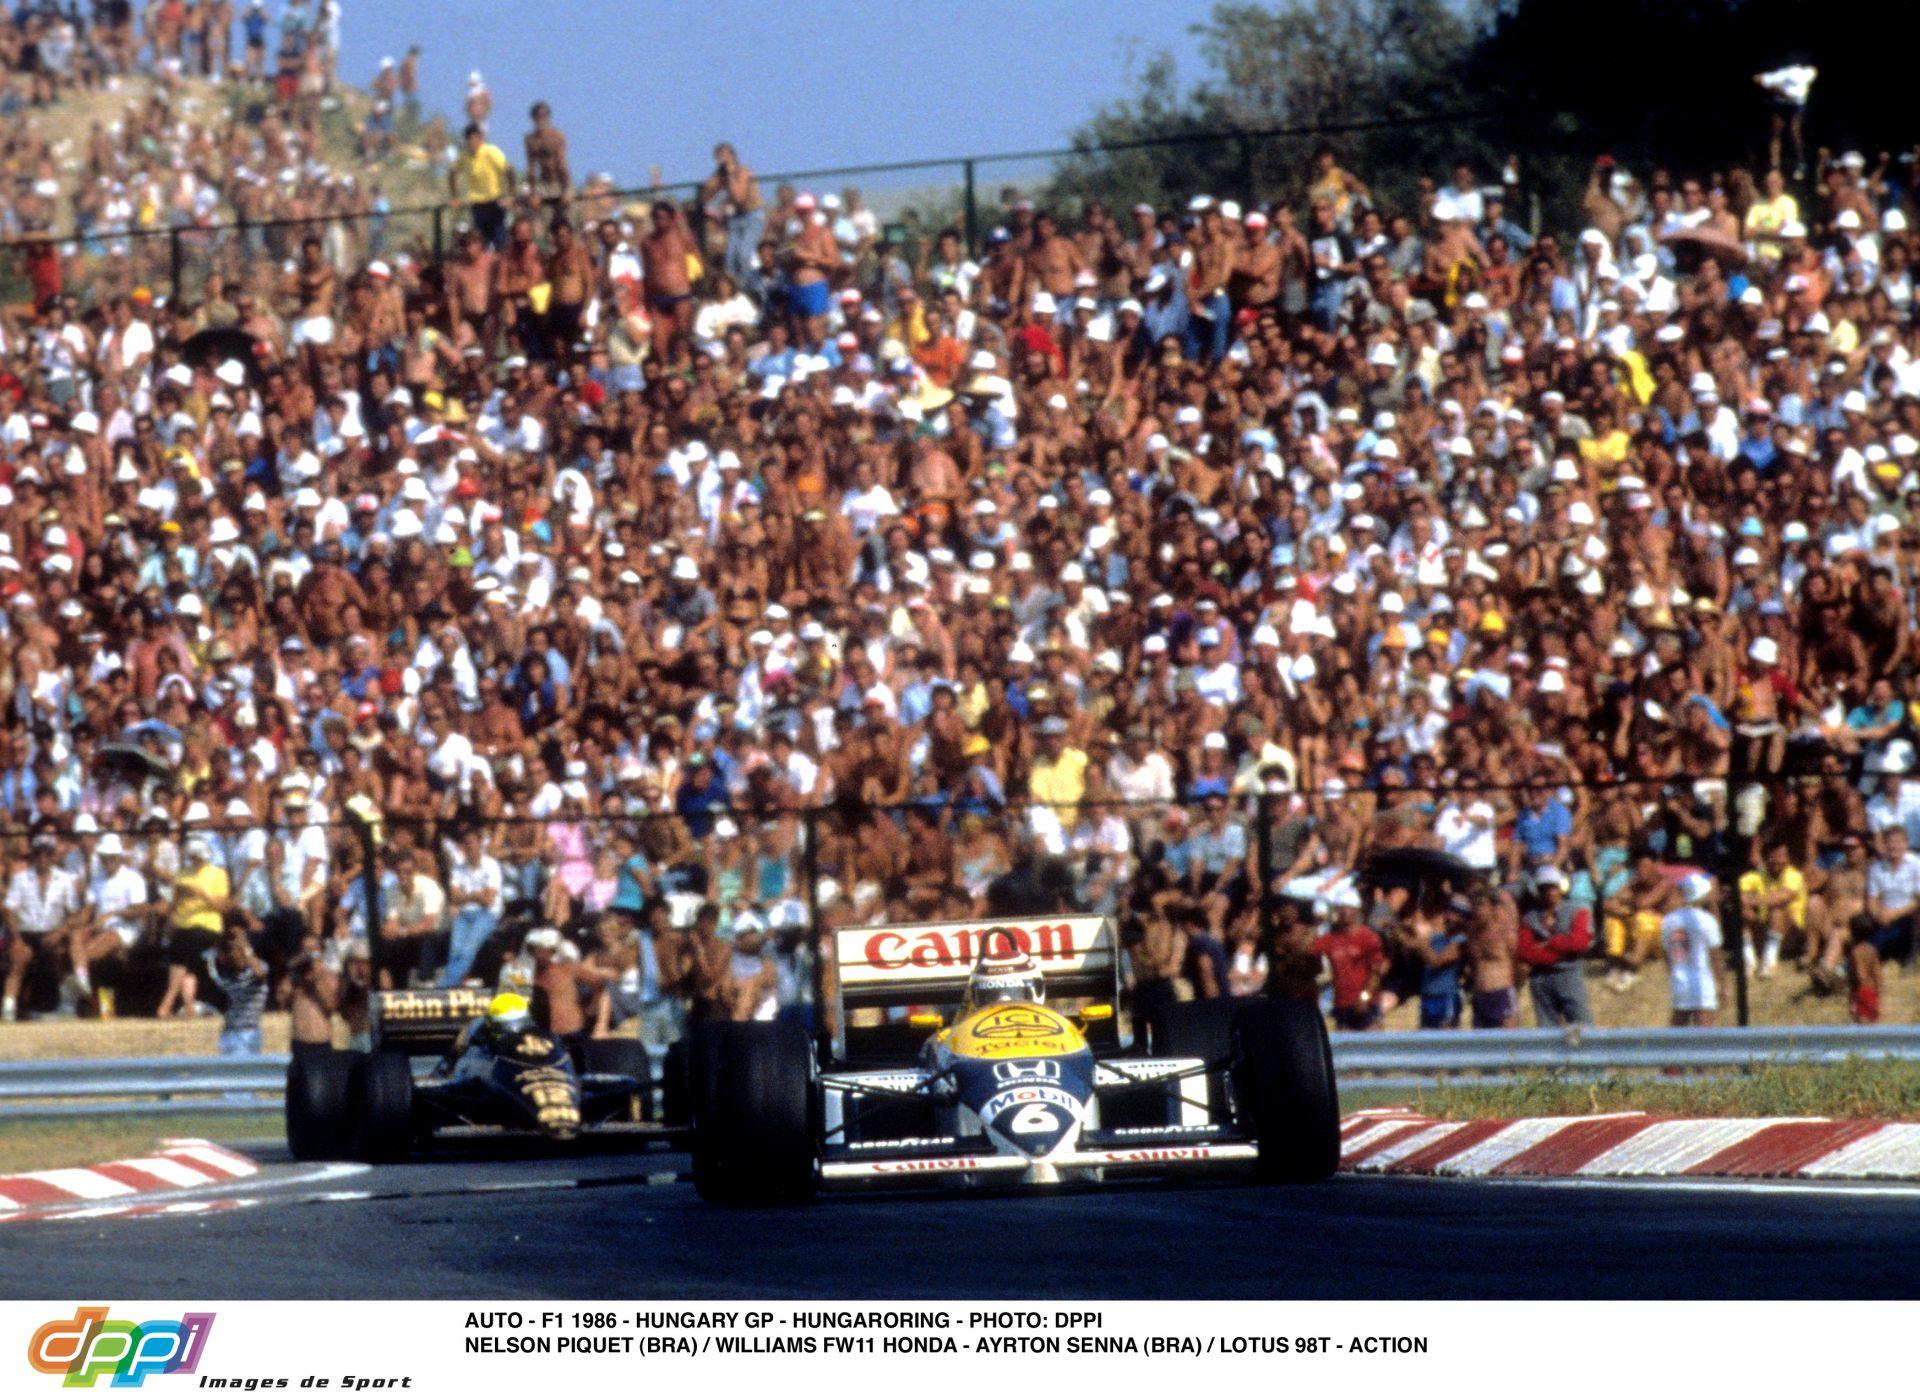 Egészen közel az F1-es Magyar Nagydíj! Diákbérletek a hungaroringi hétvégére! Jó áron!